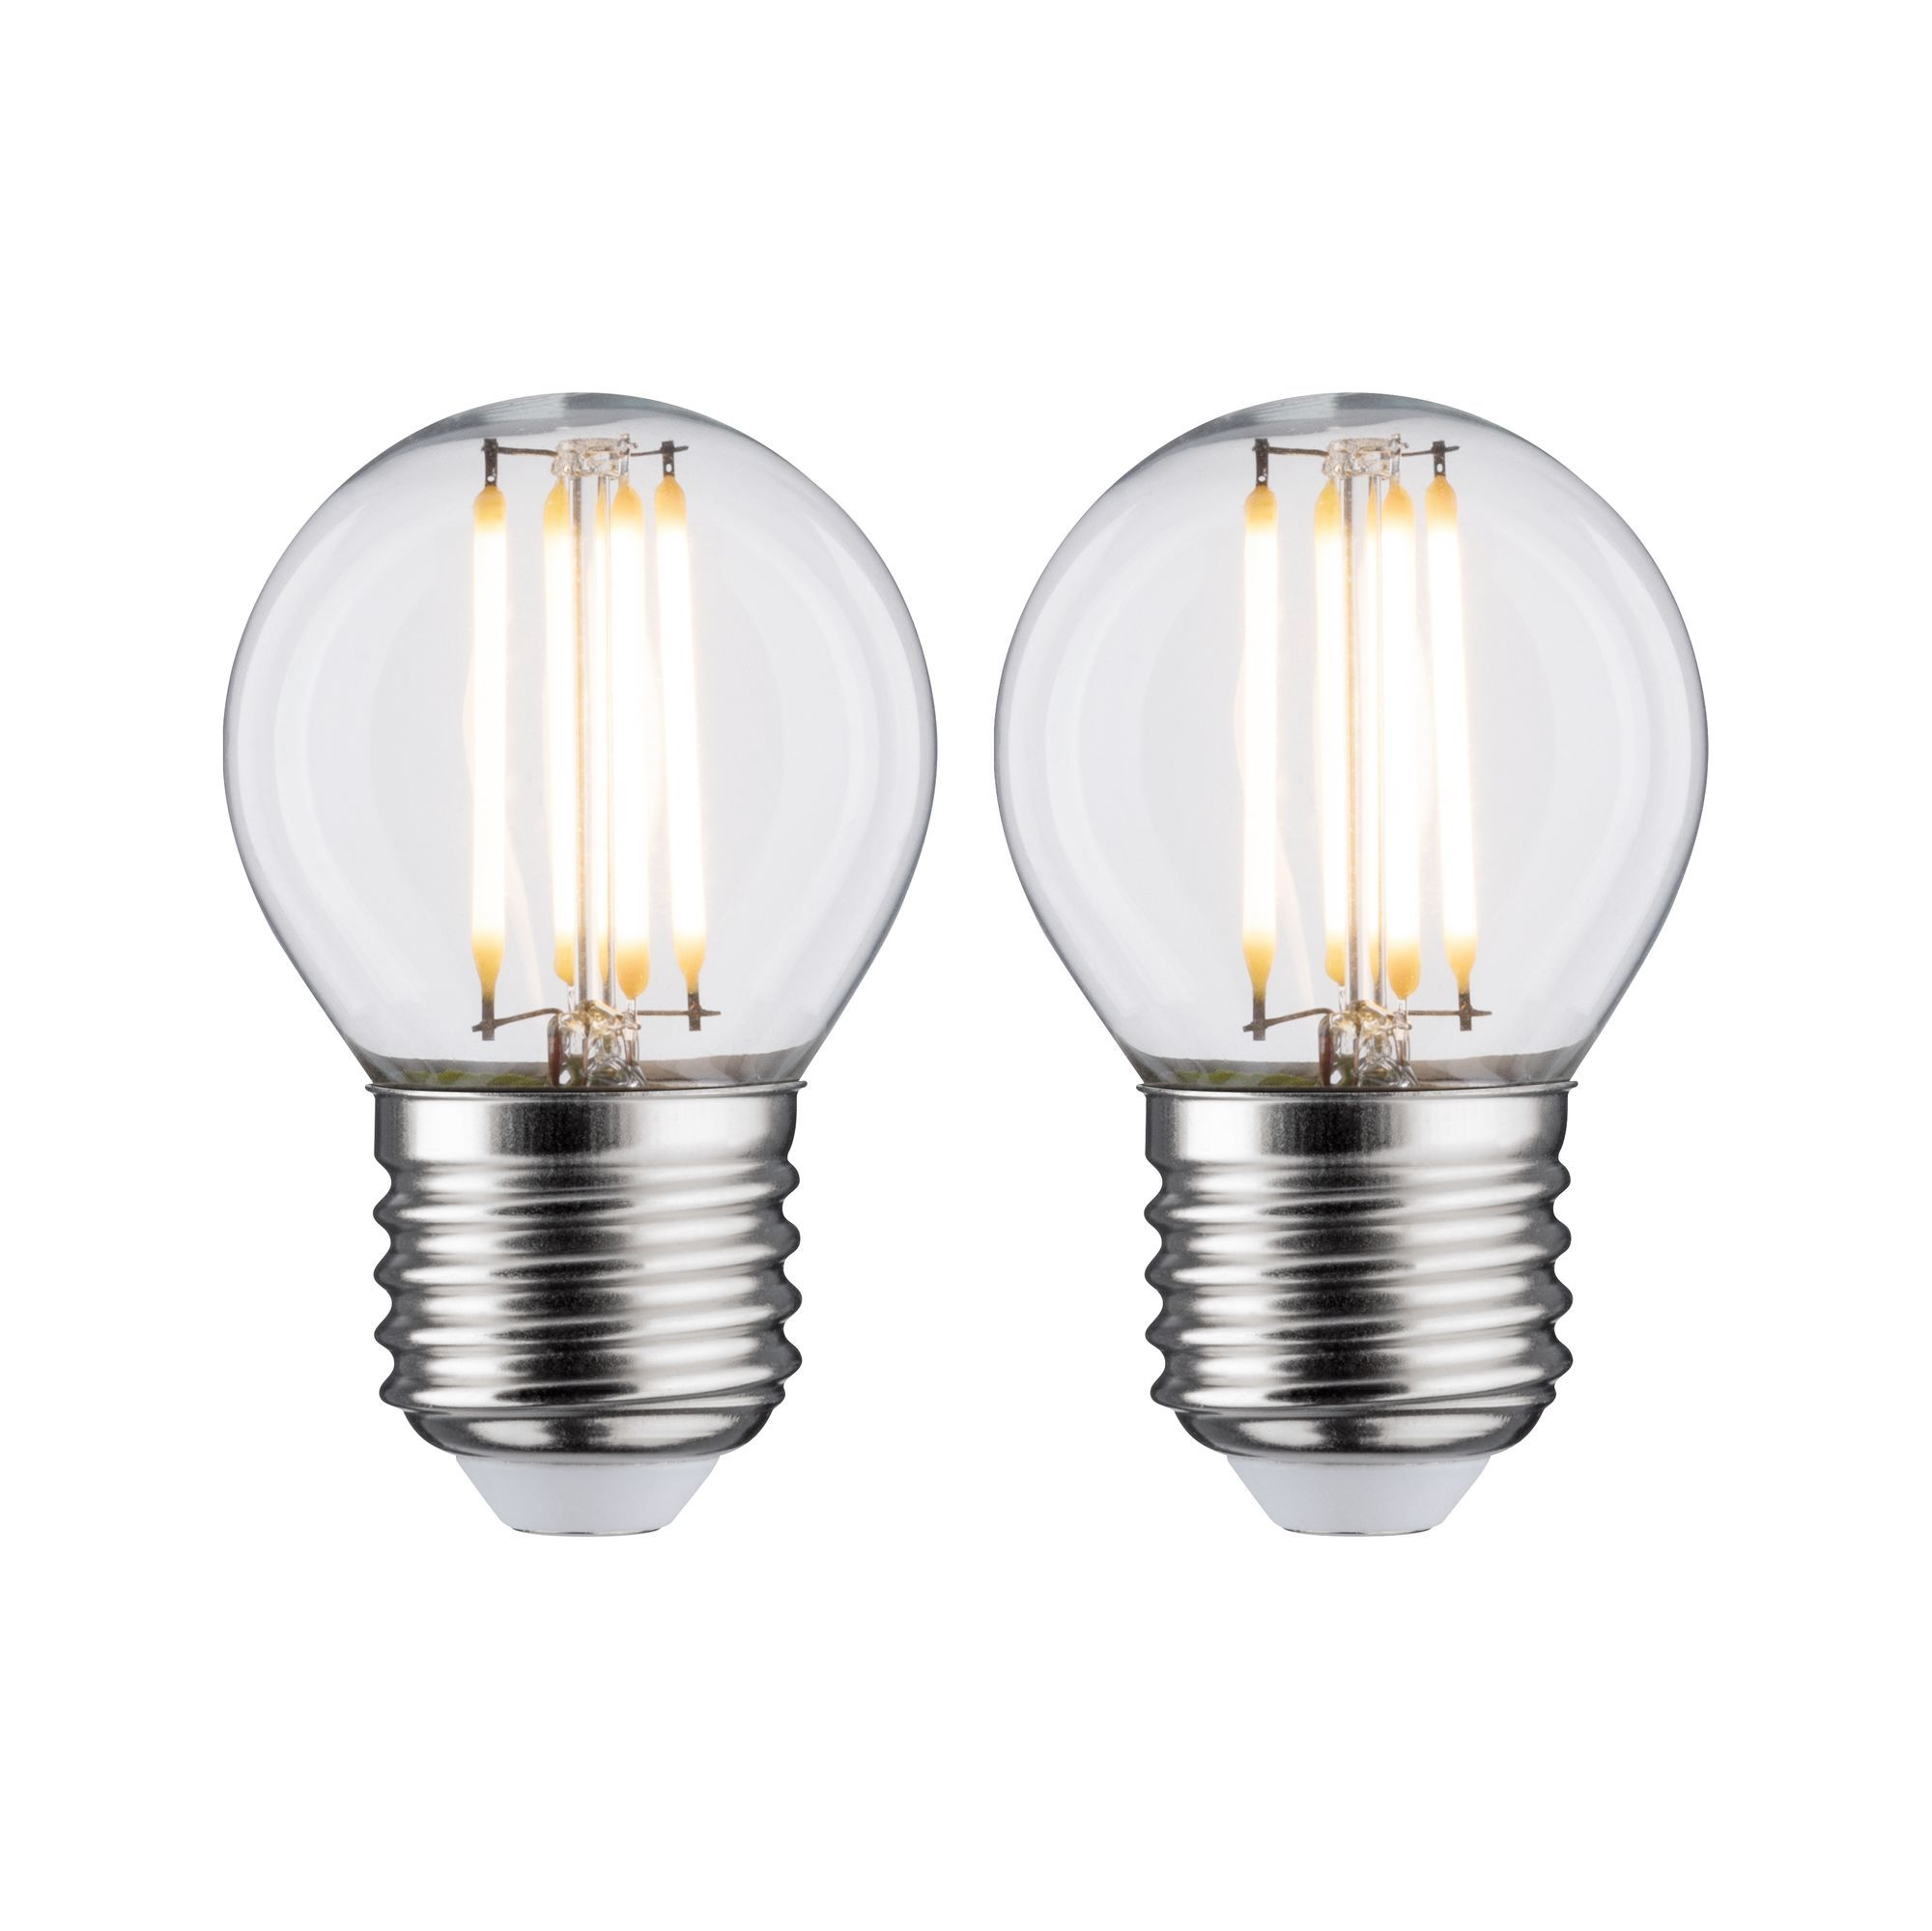 Paulmann LED Fil 2er Tropfen 470lm E27 2700K klar 5W 230V (28640)